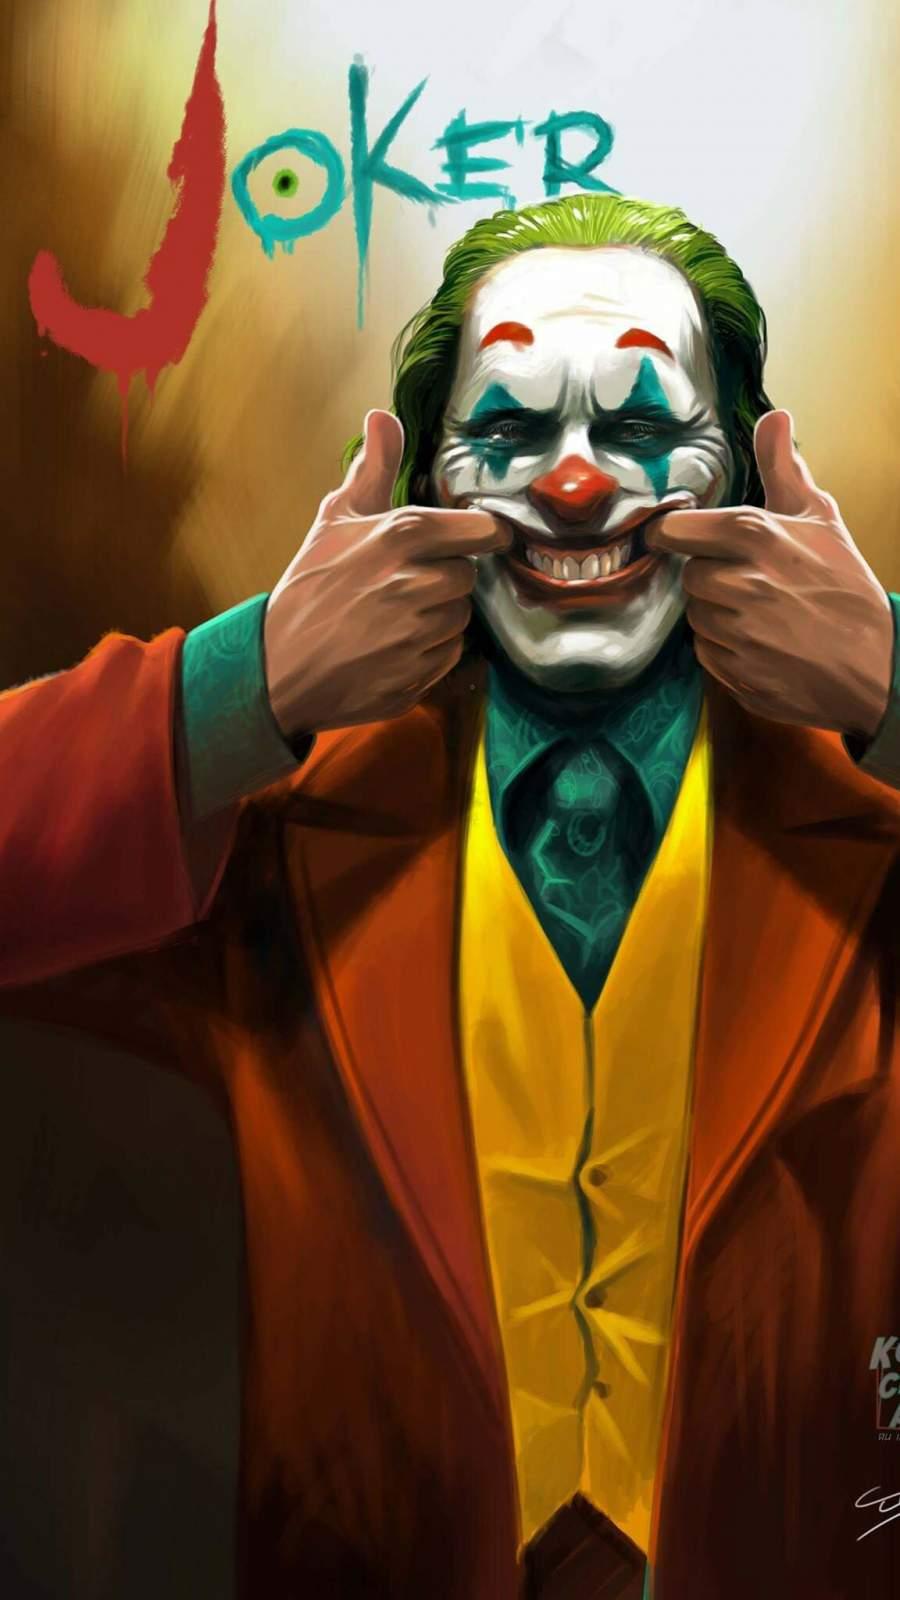 The Joker Smile iPhone Wallpaper